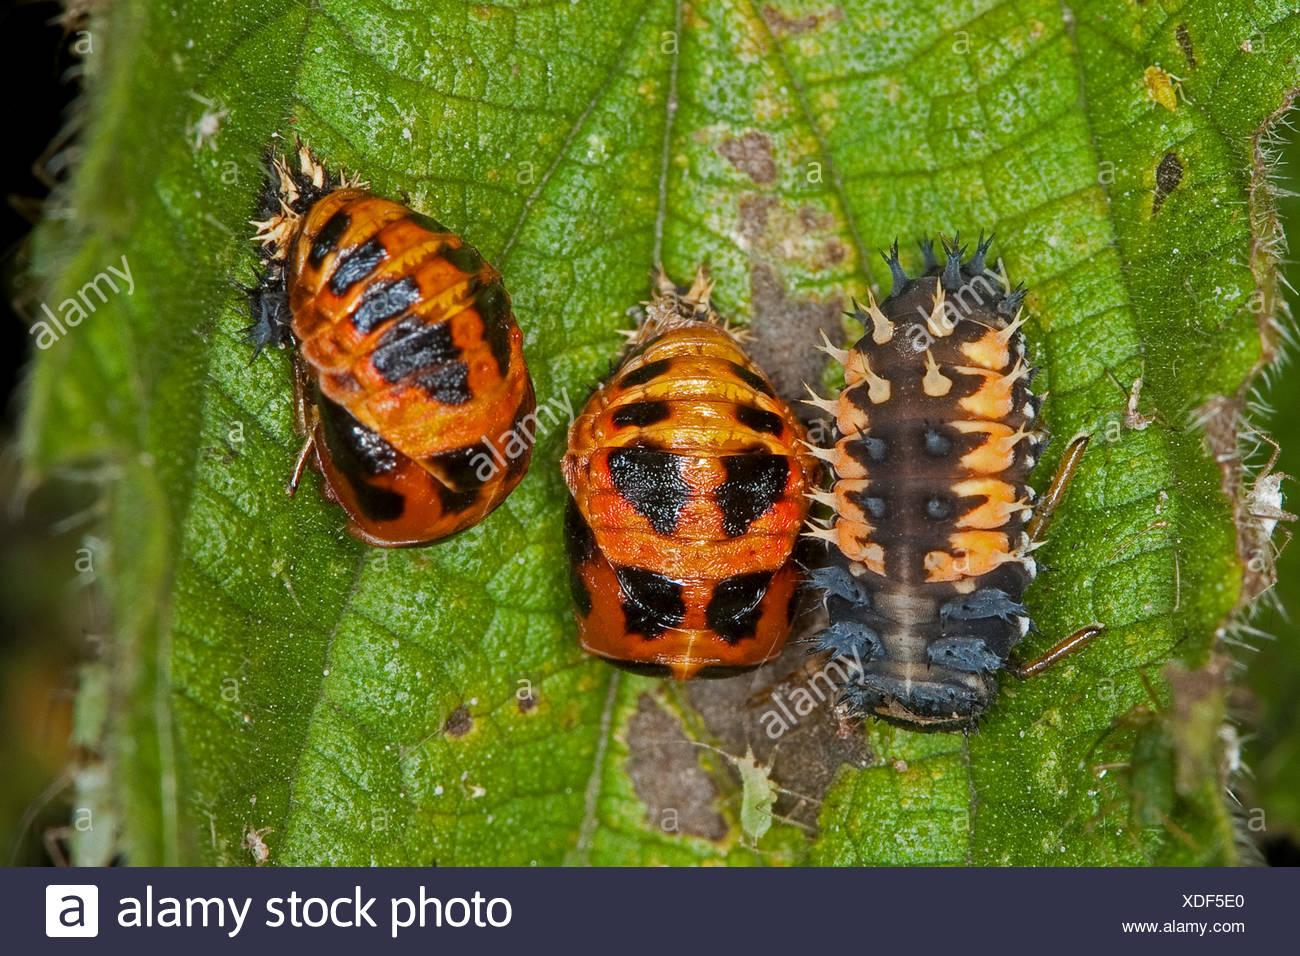 multicoloured Asian beetle (Harmonia axyridis), larva and pupas on a leaf, Germany - Stock Image